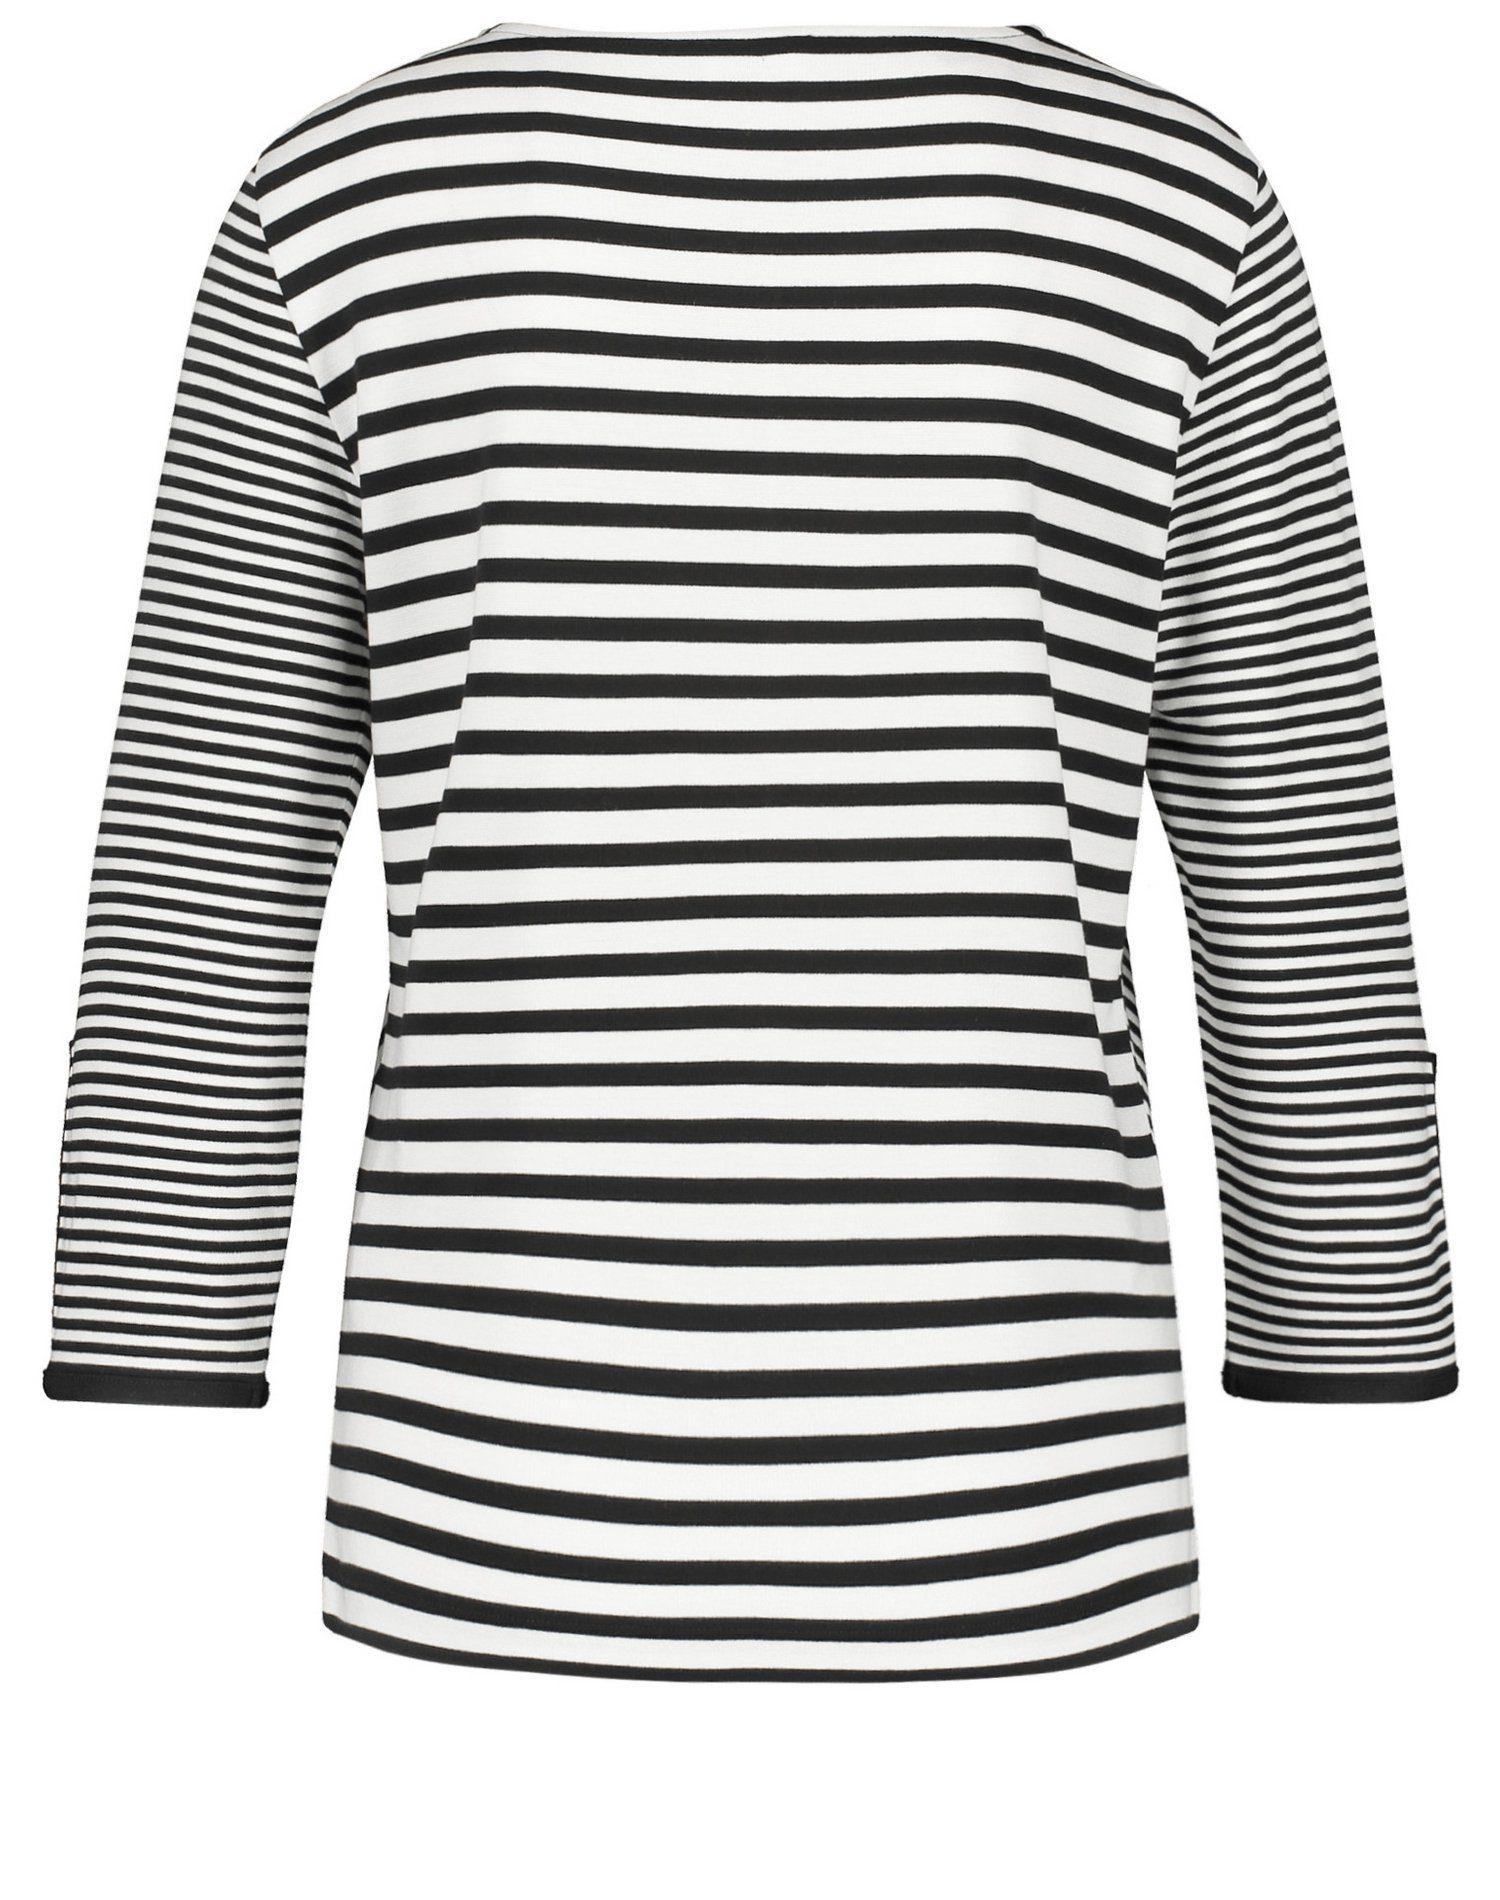 Gerry Weber T-shirt Met 3/4 Mouwen Nu Online Bestellen - Geweldige Prijs